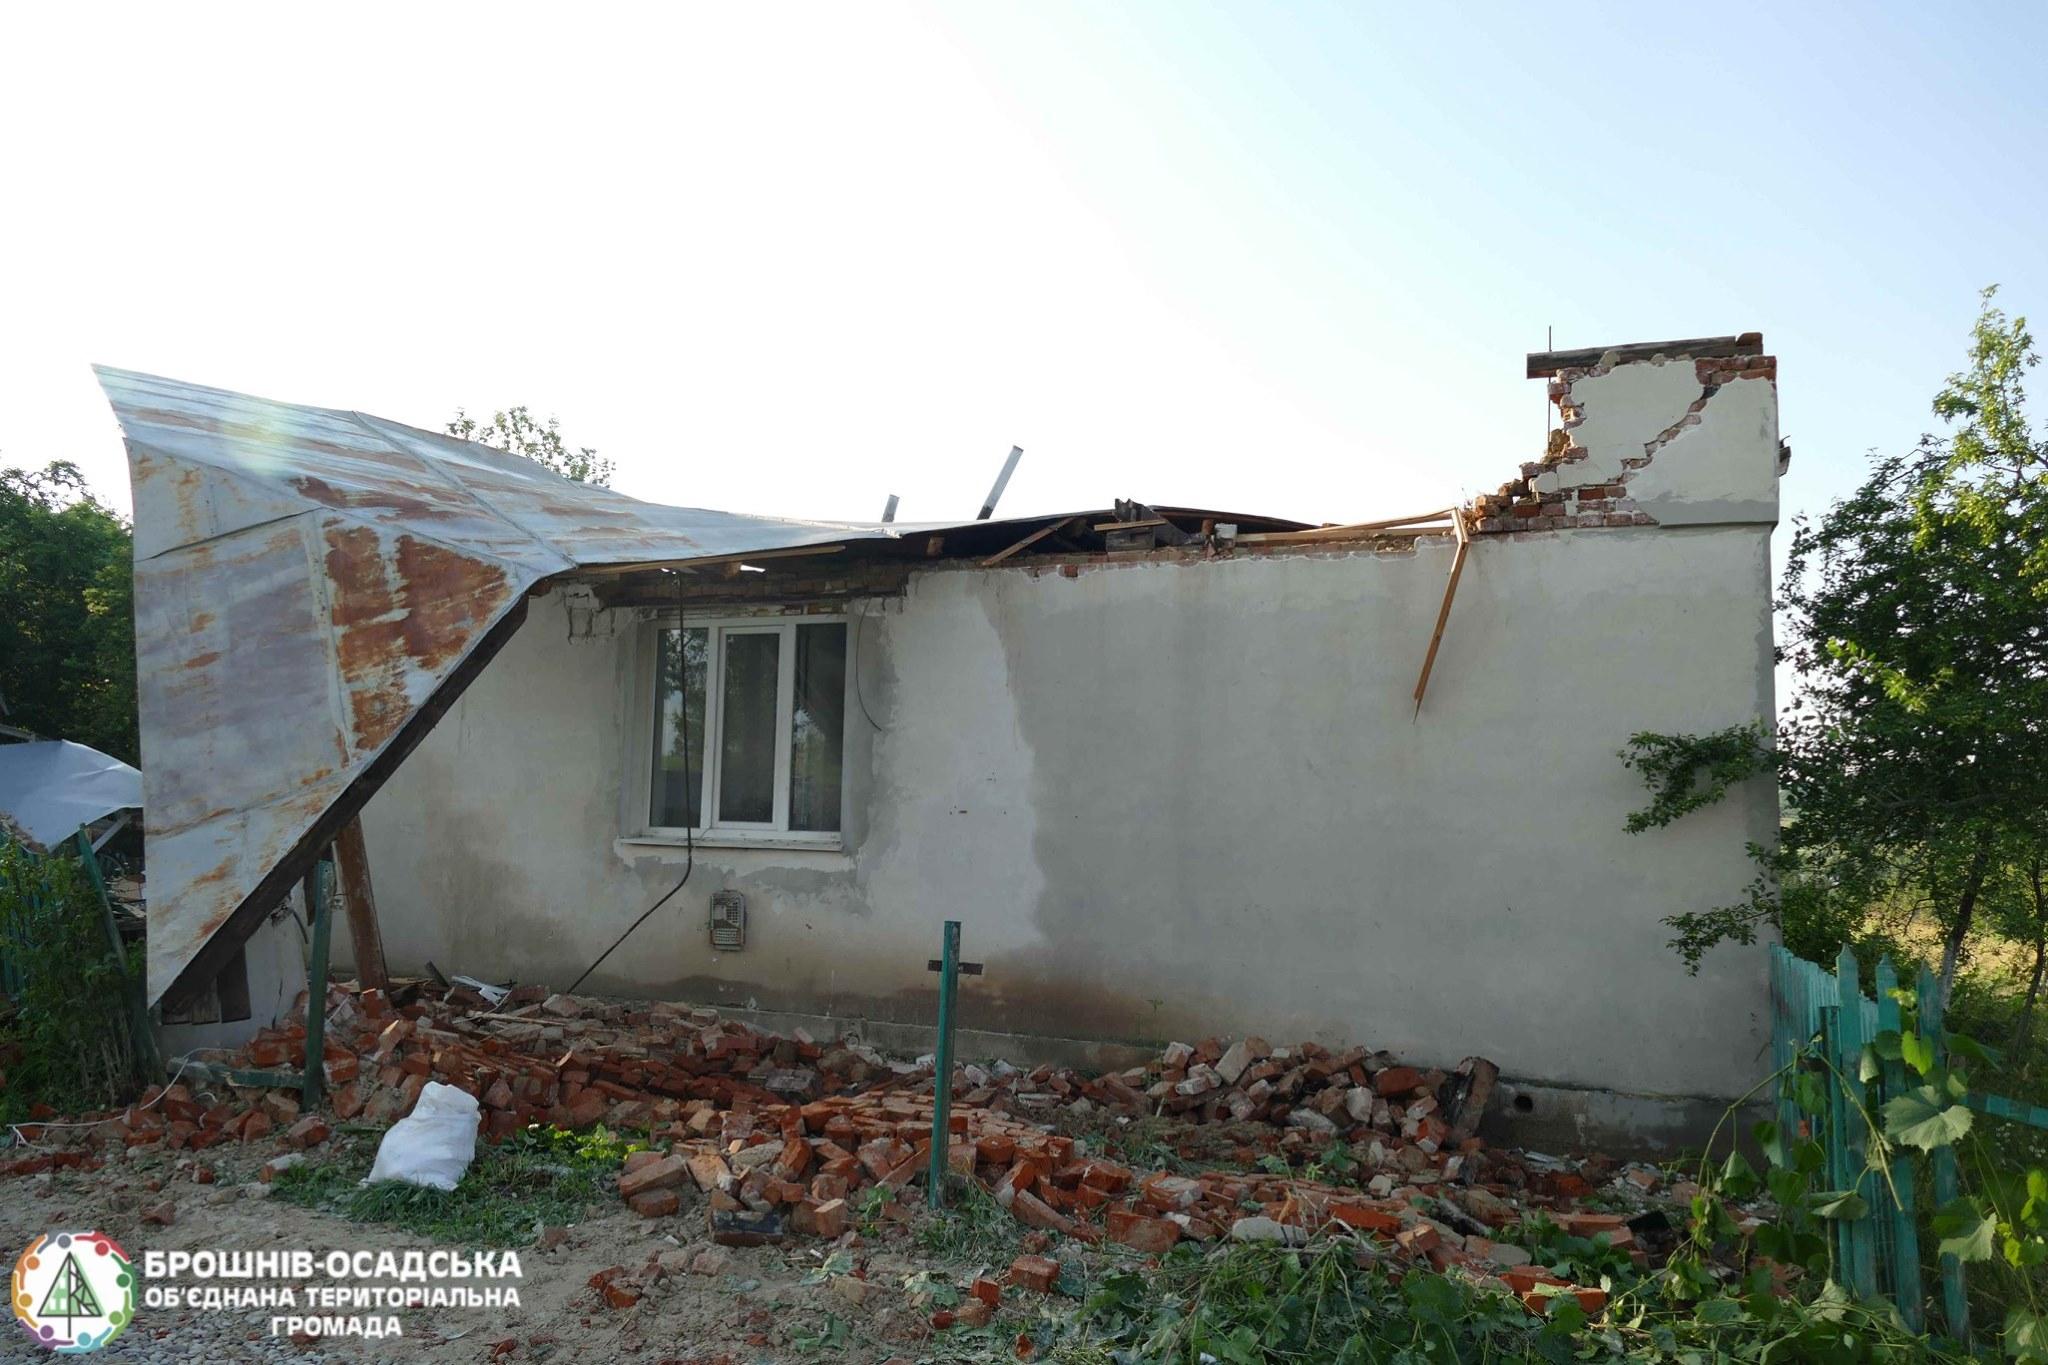 Через стихію родина у Брошнів-Осадській ОТГ залишилася без даху над головою 2